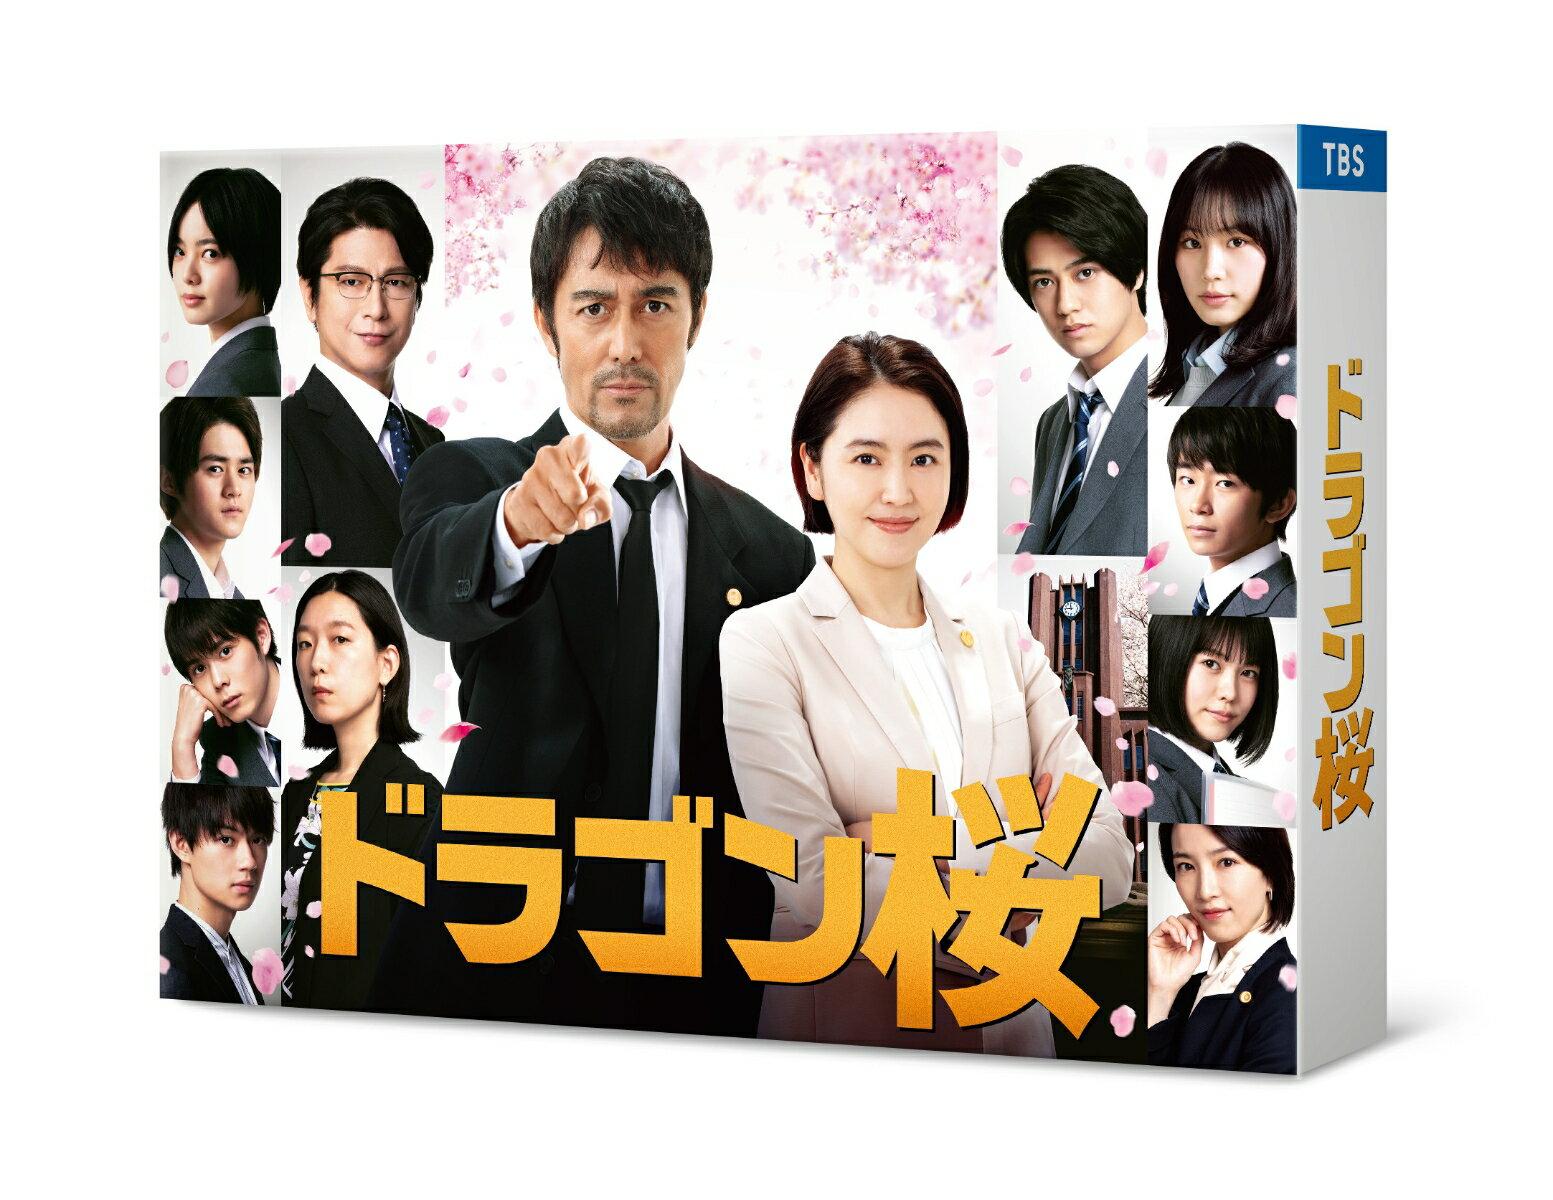 ドラゴン桜(2021年版) Blu-ray BOX【Blu-ray】